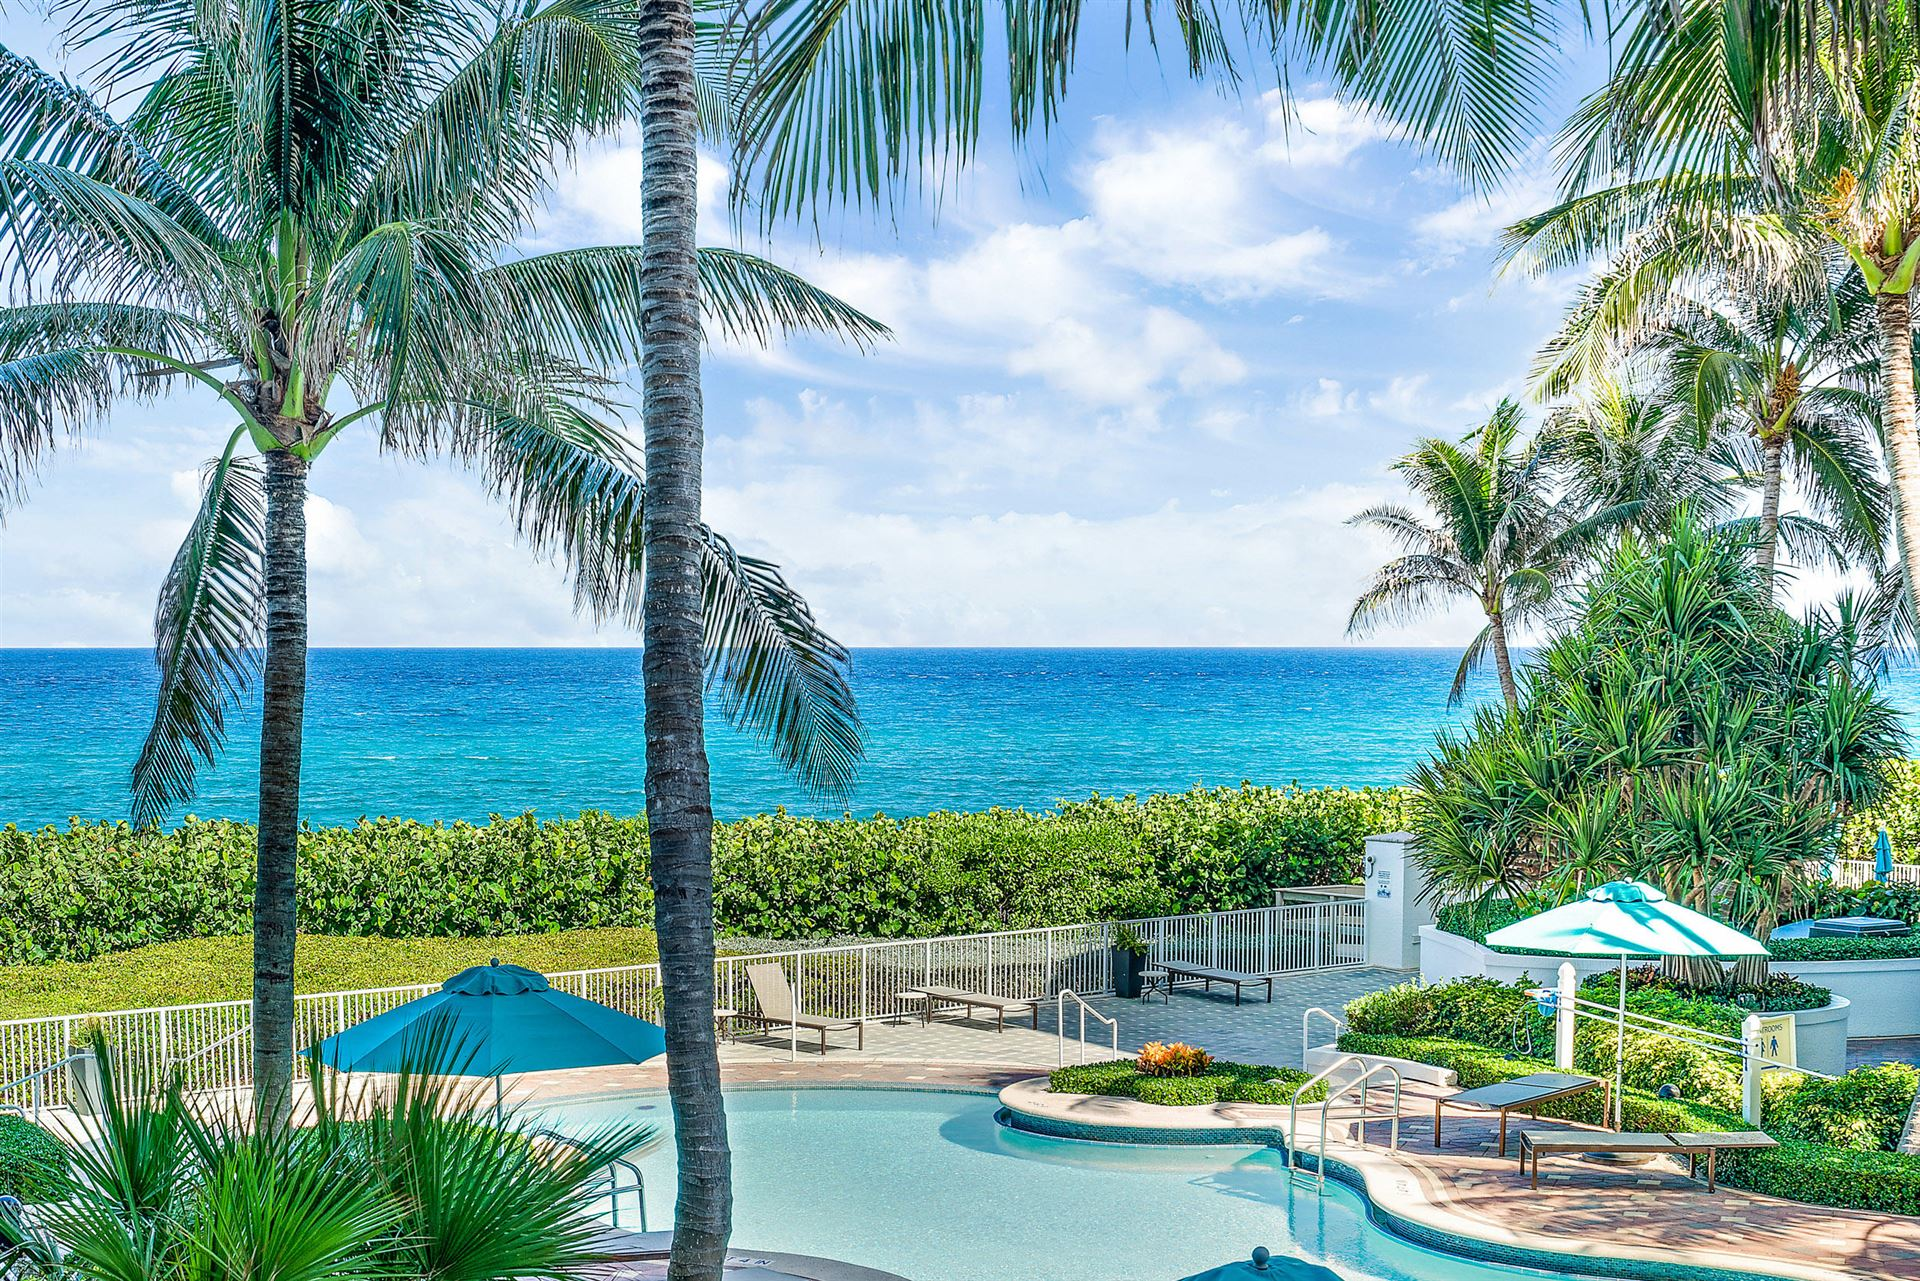 Photo of 4600 N Ocean Drive #302, Singer Island, FL 33404 (MLS # RX-10647759)